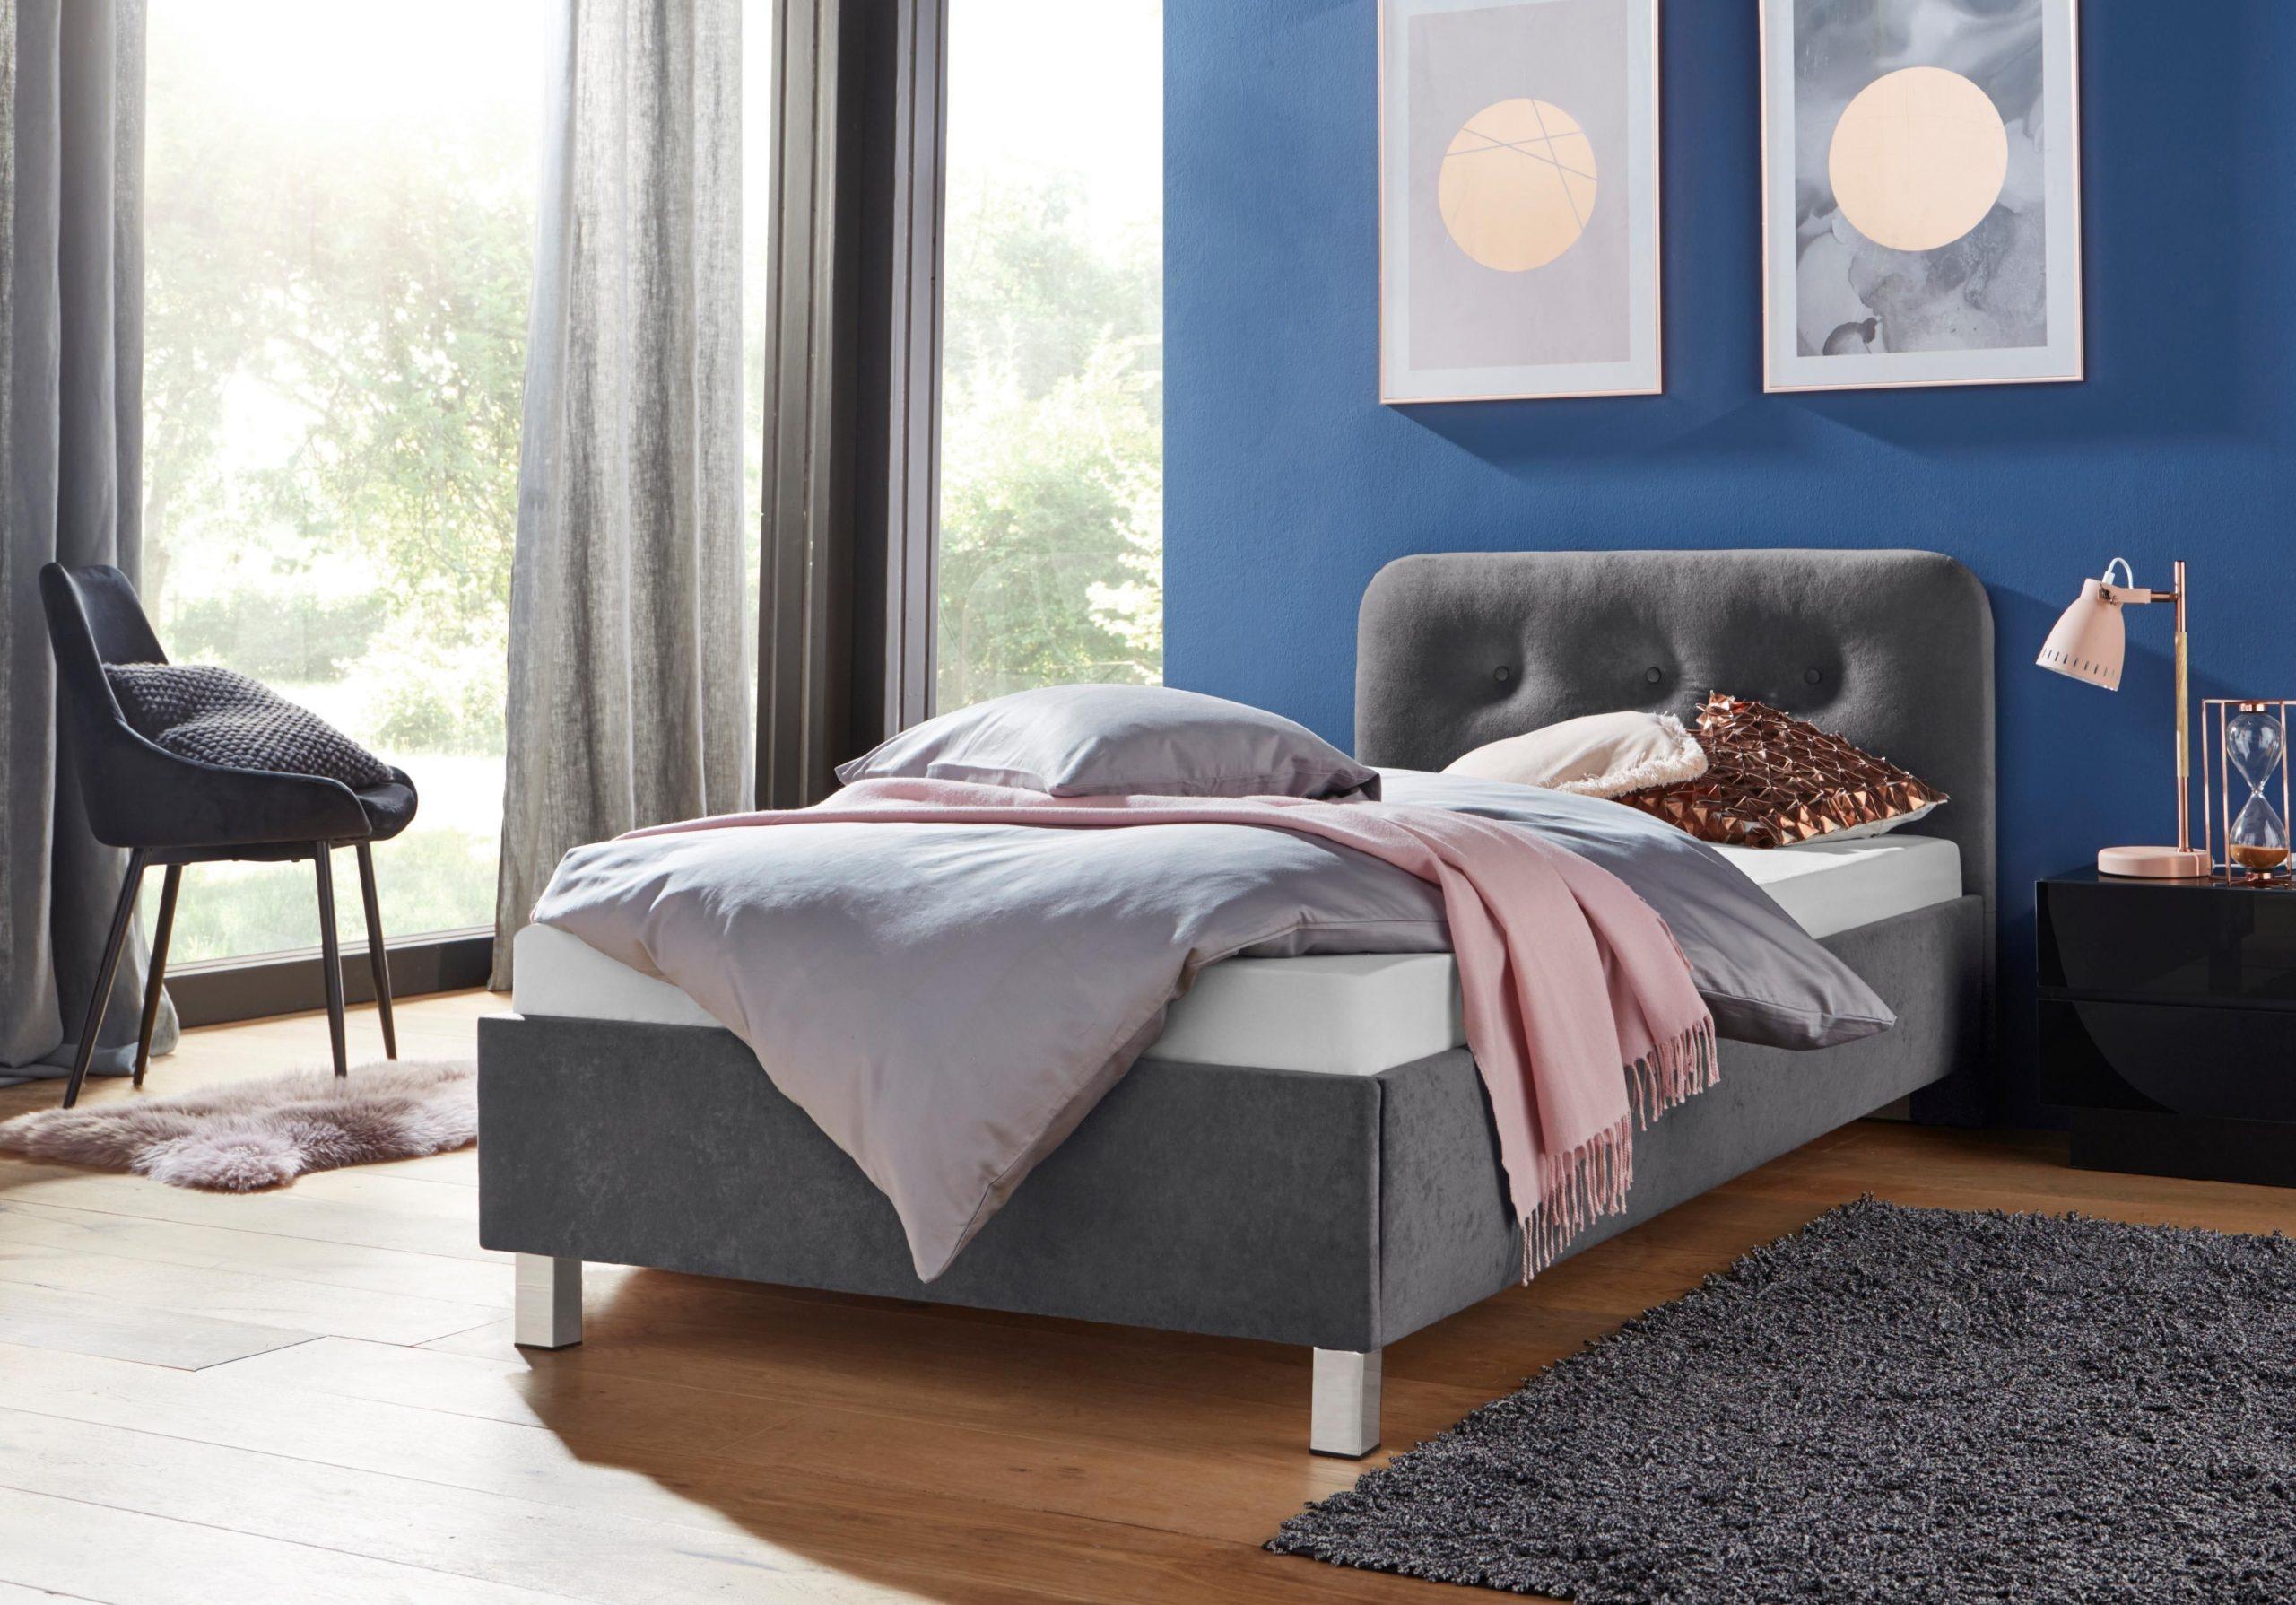 Full Size of Bett 100x200 Schubladen Einzelbett Komplett Xxl Betten Runde Möbel Boss überlänge Günstige 140x200 Weiß Für übergewichtige Ebay 200x220 Team 7 Billige Bett Betten 100x200